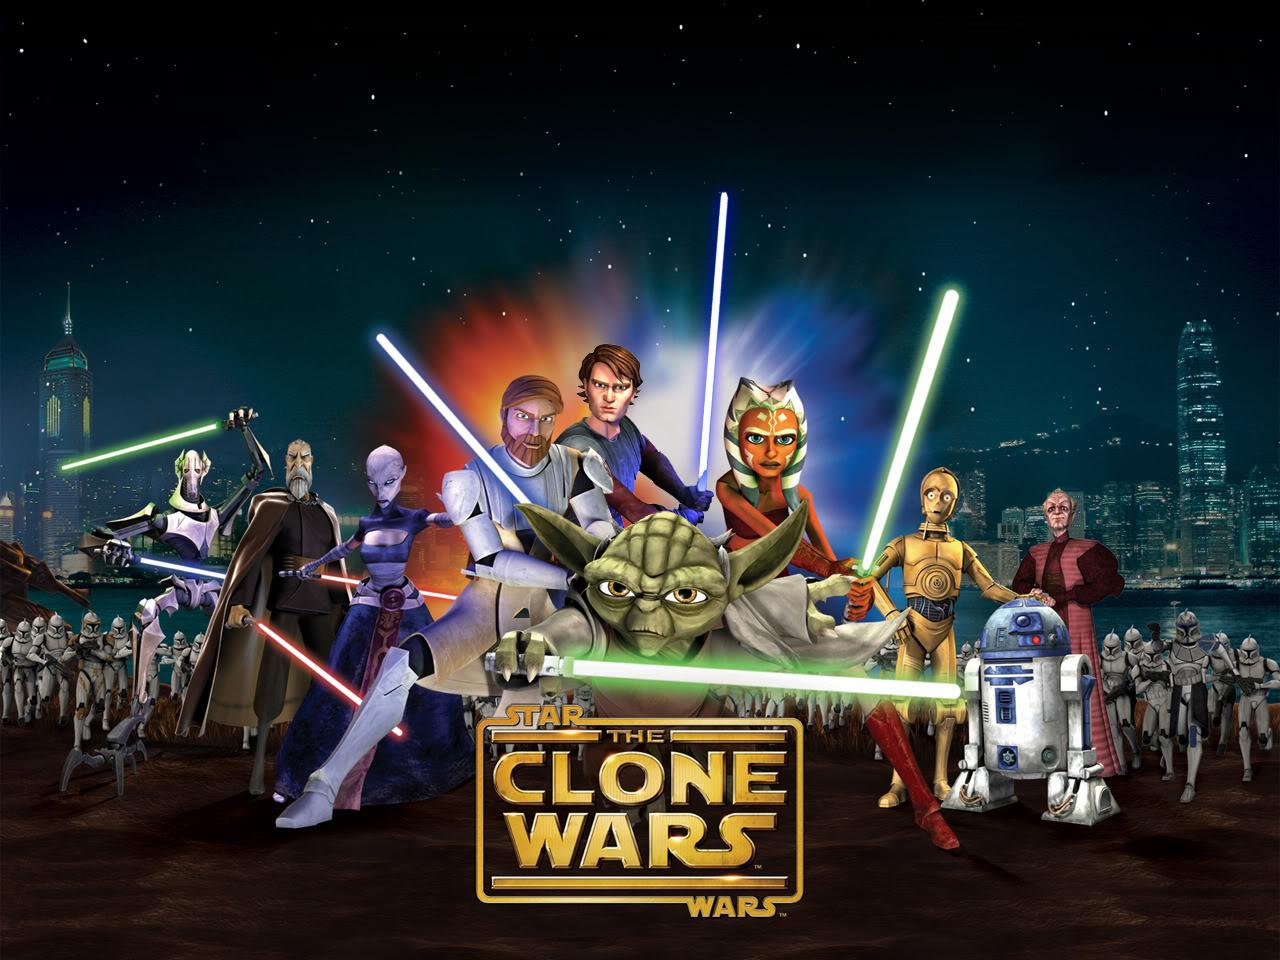 star wars th clone wars